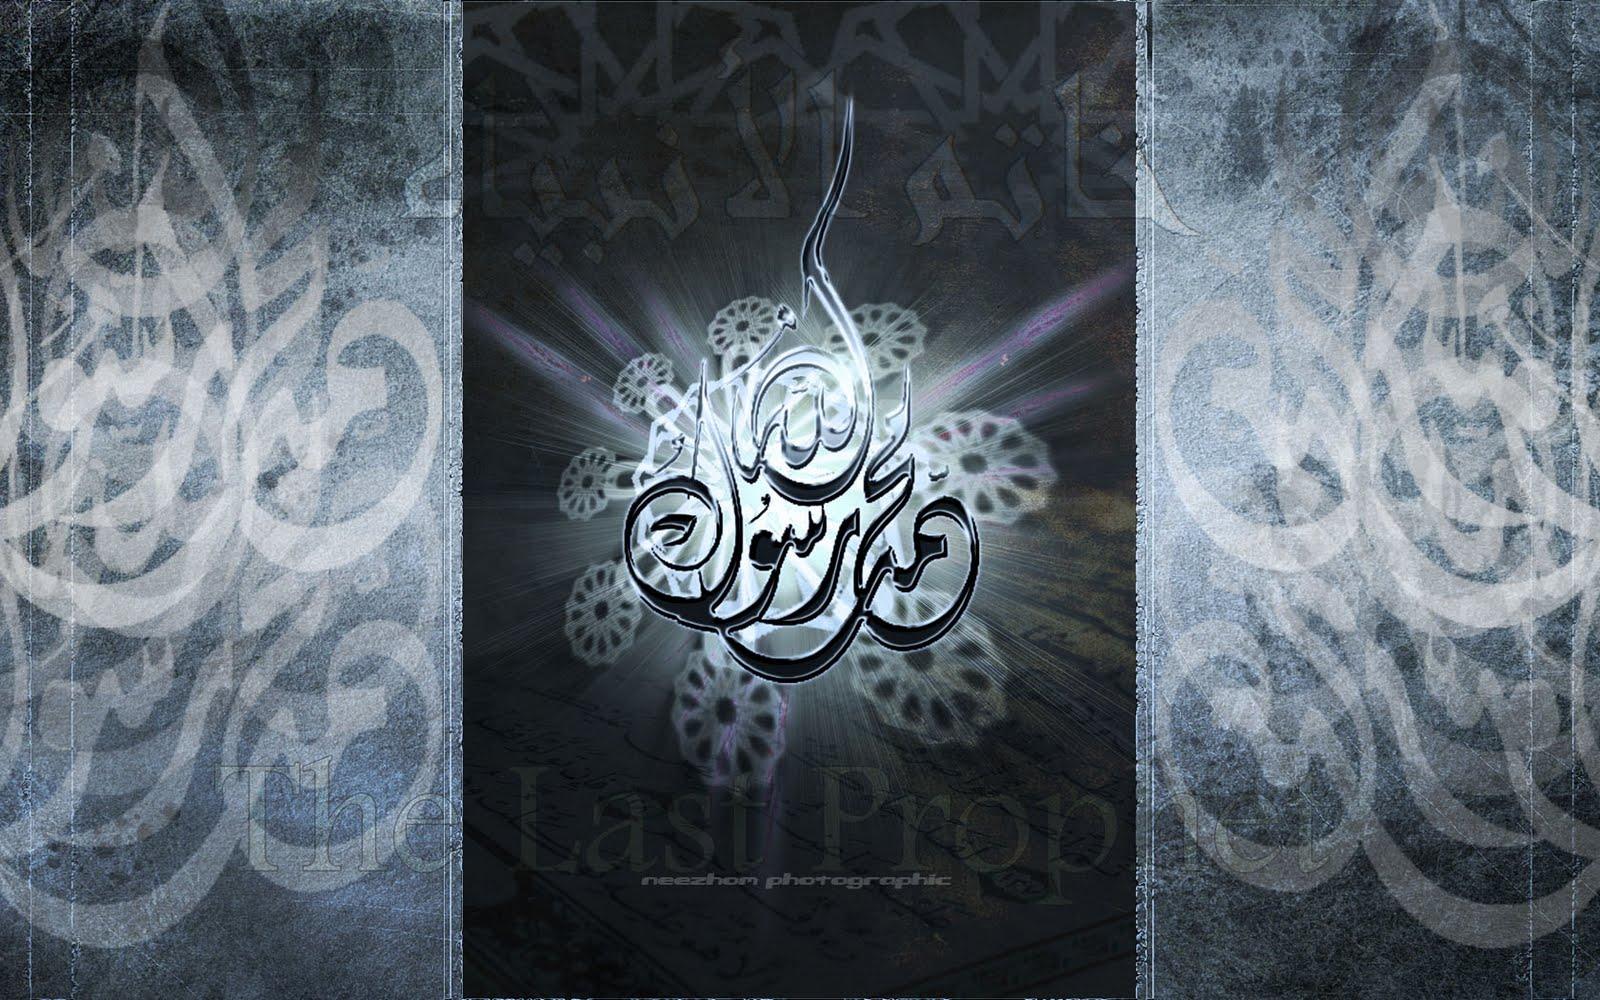 http://2.bp.blogspot.com/_3FTO6EjRbe4/TE0qUPSiWBI/AAAAAAAAb_c/Y7JVSThOG4o/s1600/Muhammad+utusan+terakhir.jpg